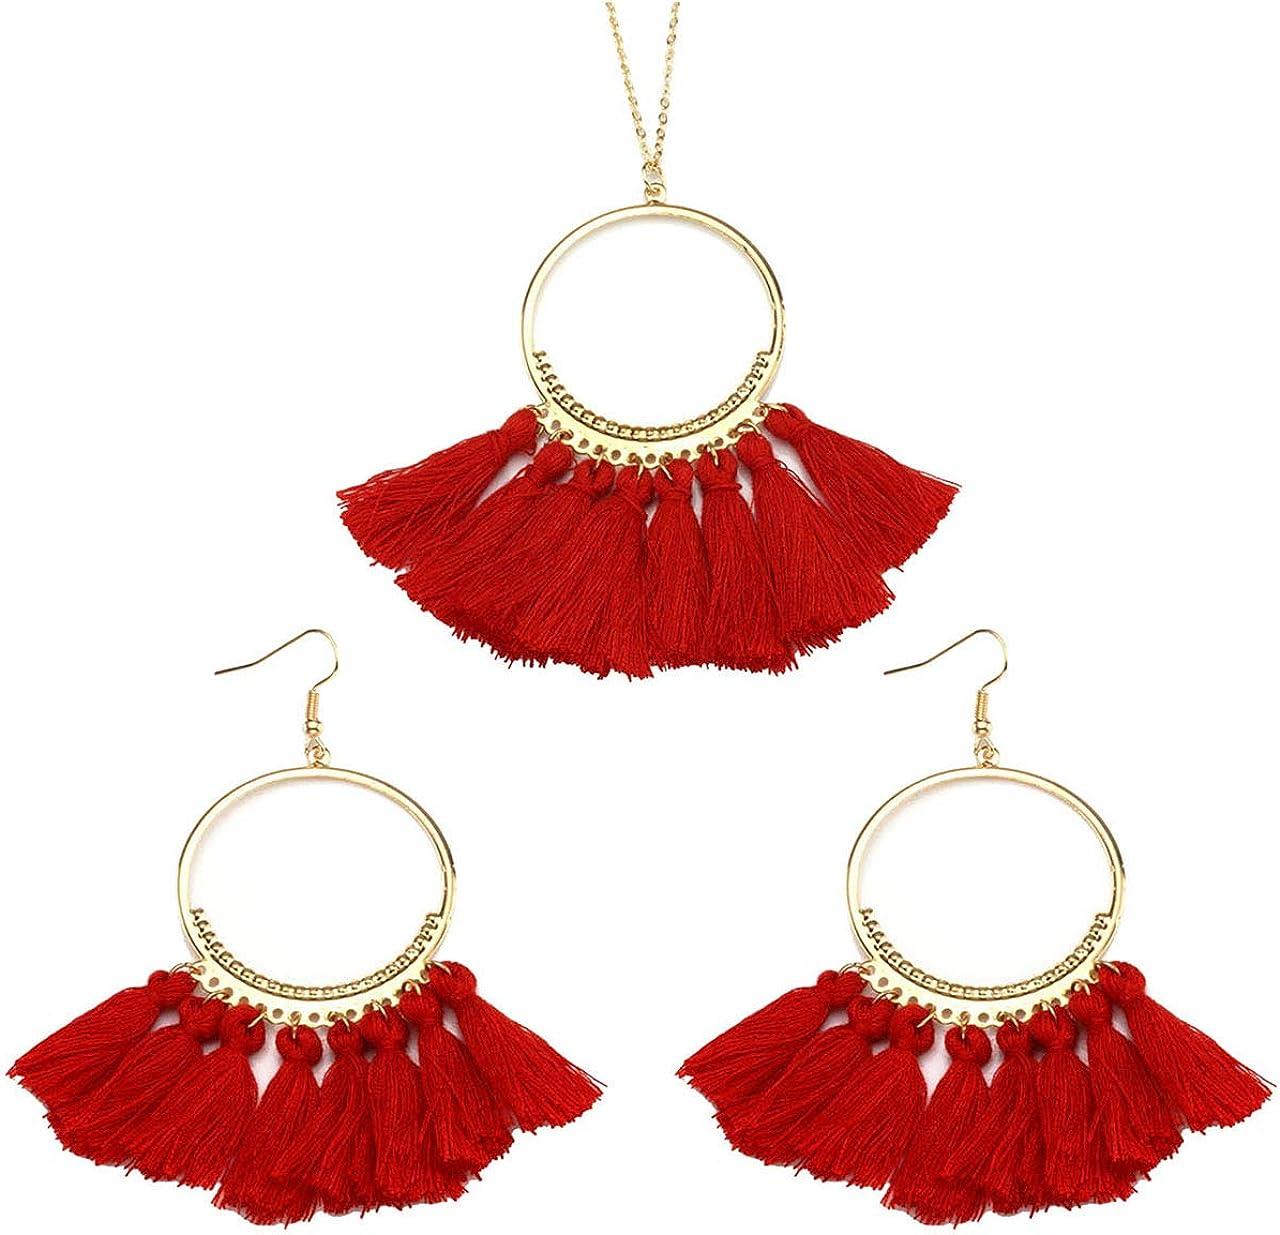 Manfnee Tassel Bohemian Earring Alloy Dangle&Drop Leather Teardrop Wood Earrings Jewelry Women